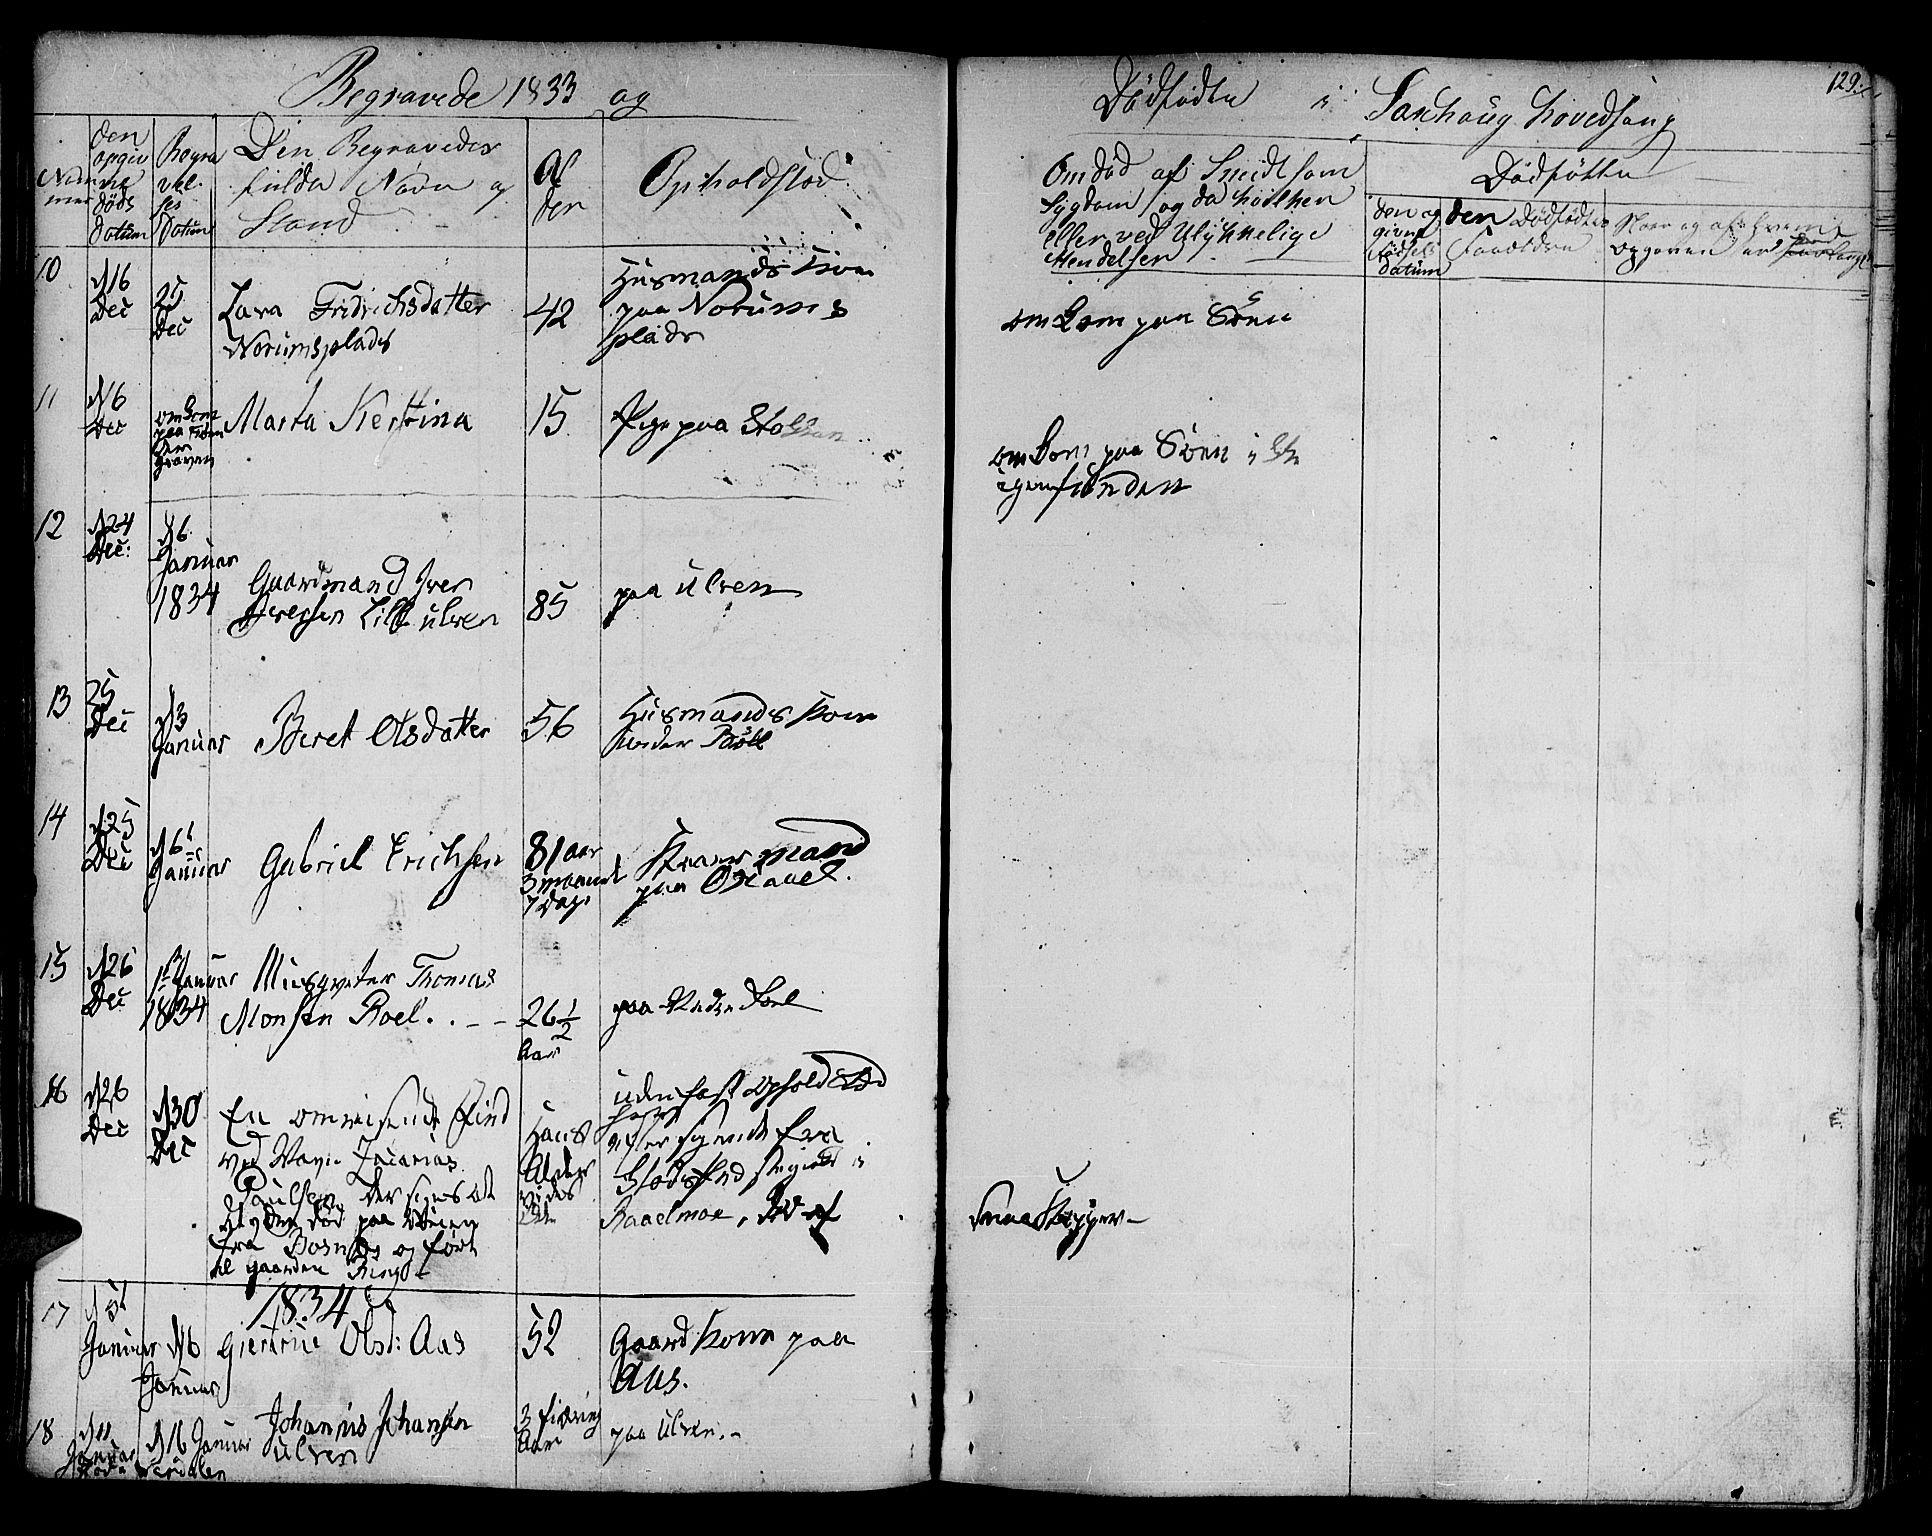 SAT, Ministerialprotokoller, klokkerbøker og fødselsregistre - Nord-Trøndelag, 730/L0277: Ministerialbok nr. 730A06 /1, 1830-1839, s. 129